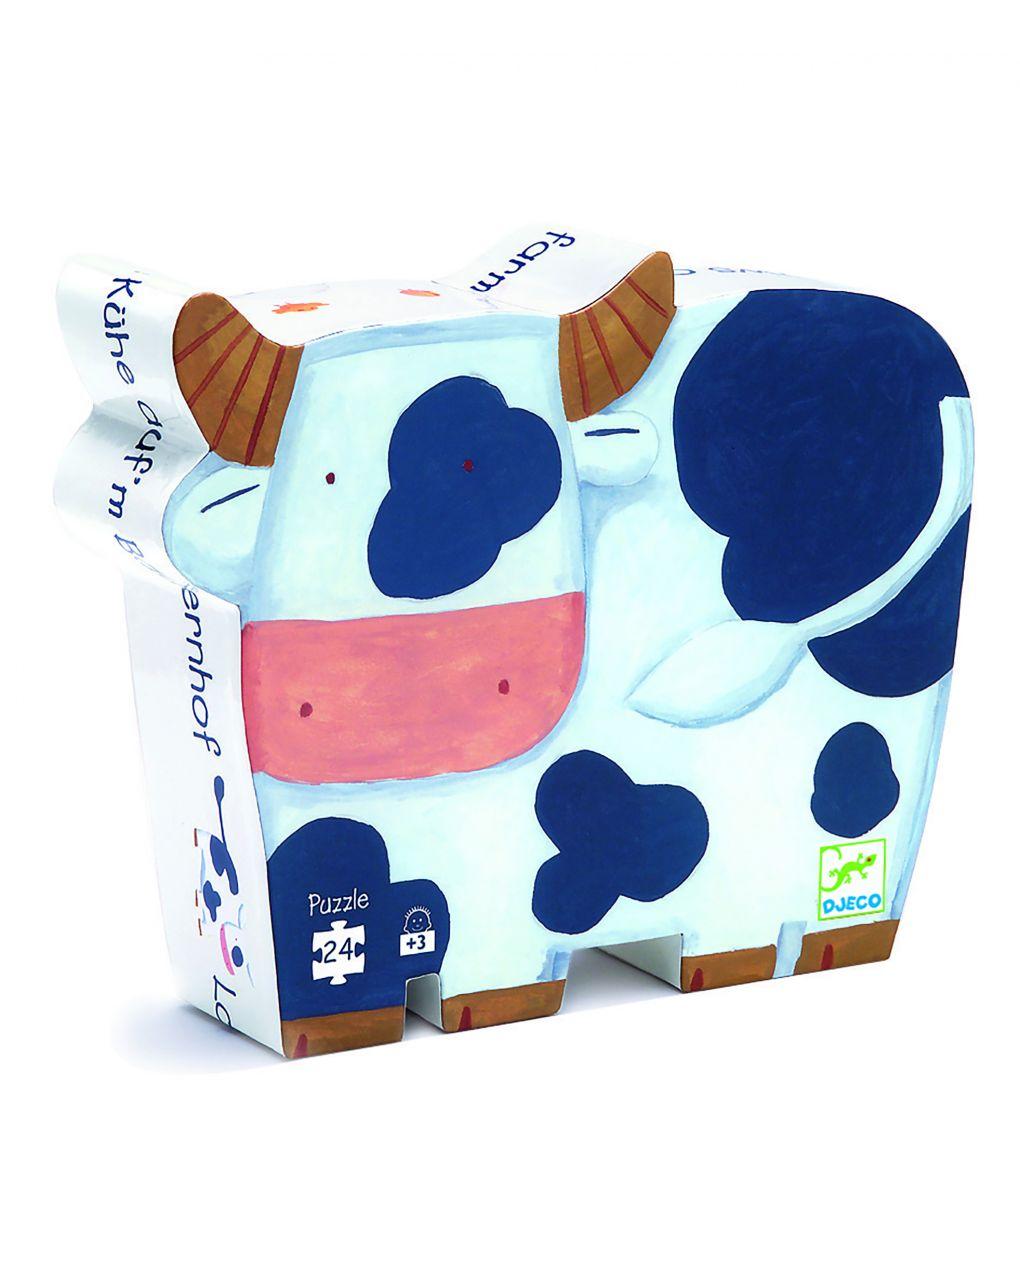 Djeco - as vacas da fazenda 24 pcs - quebra-cabeça sagomato - Djeco